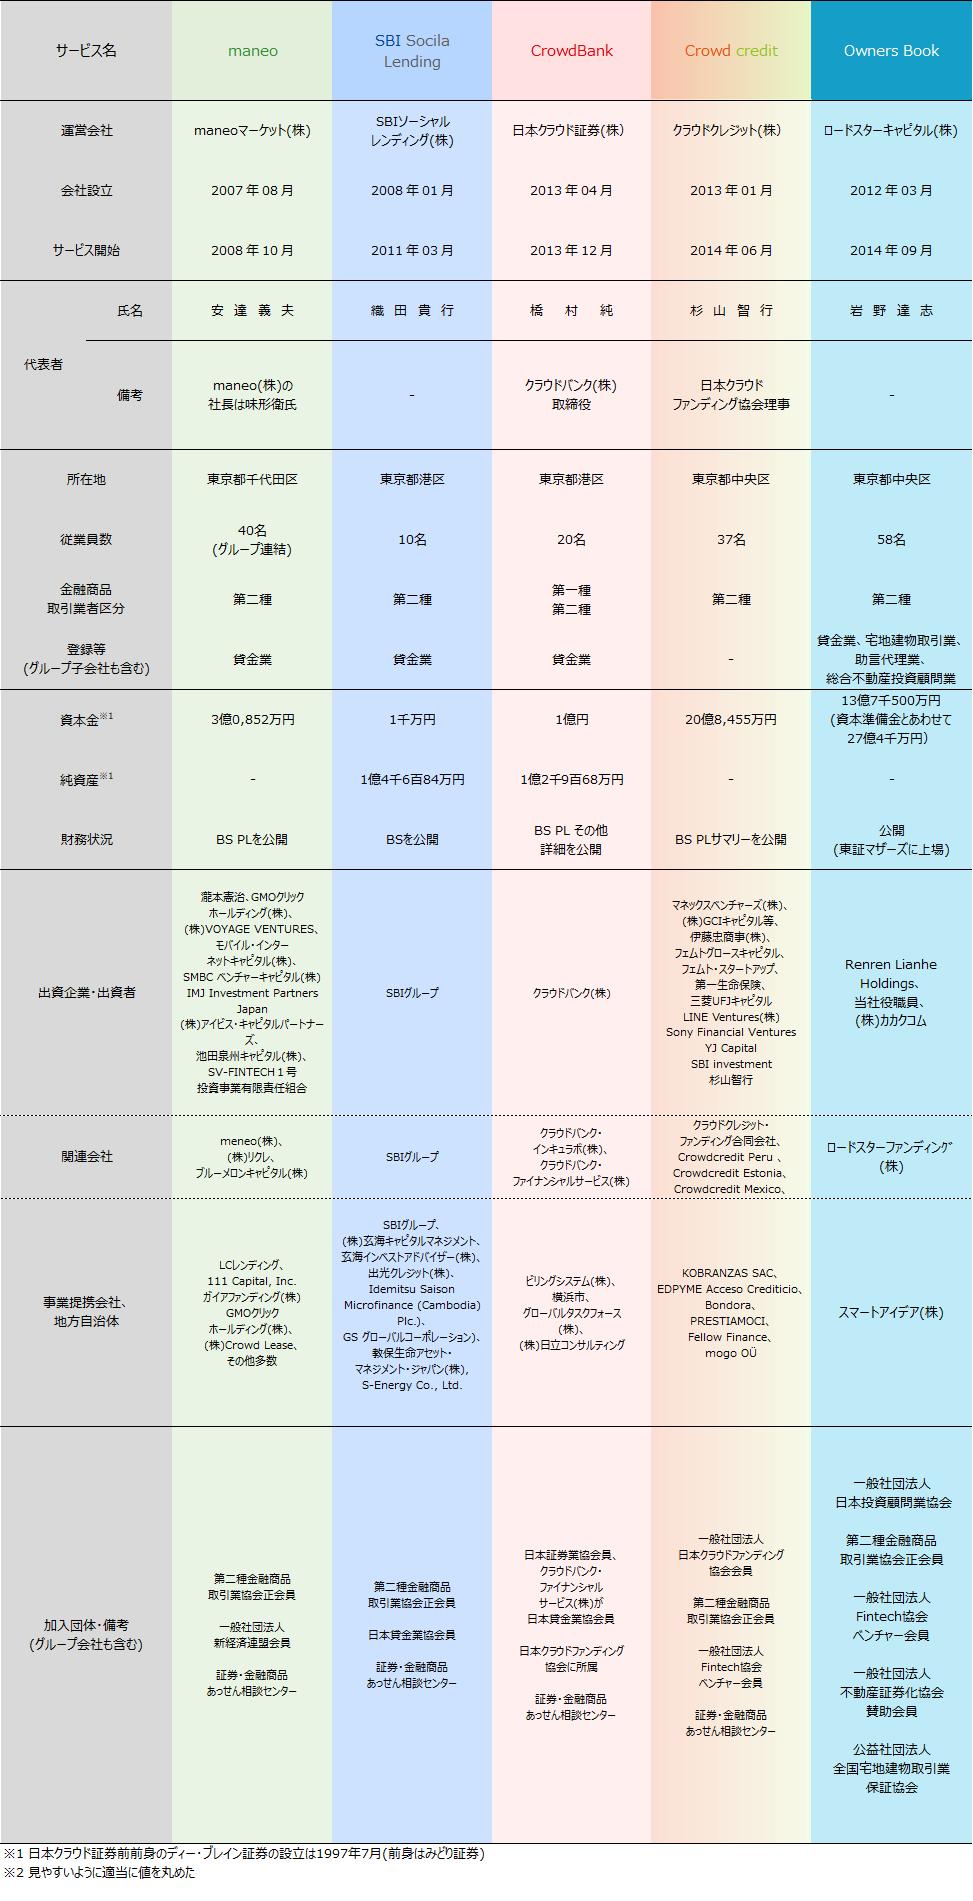 01_ソーシャルレンディング会社比較2019年6月